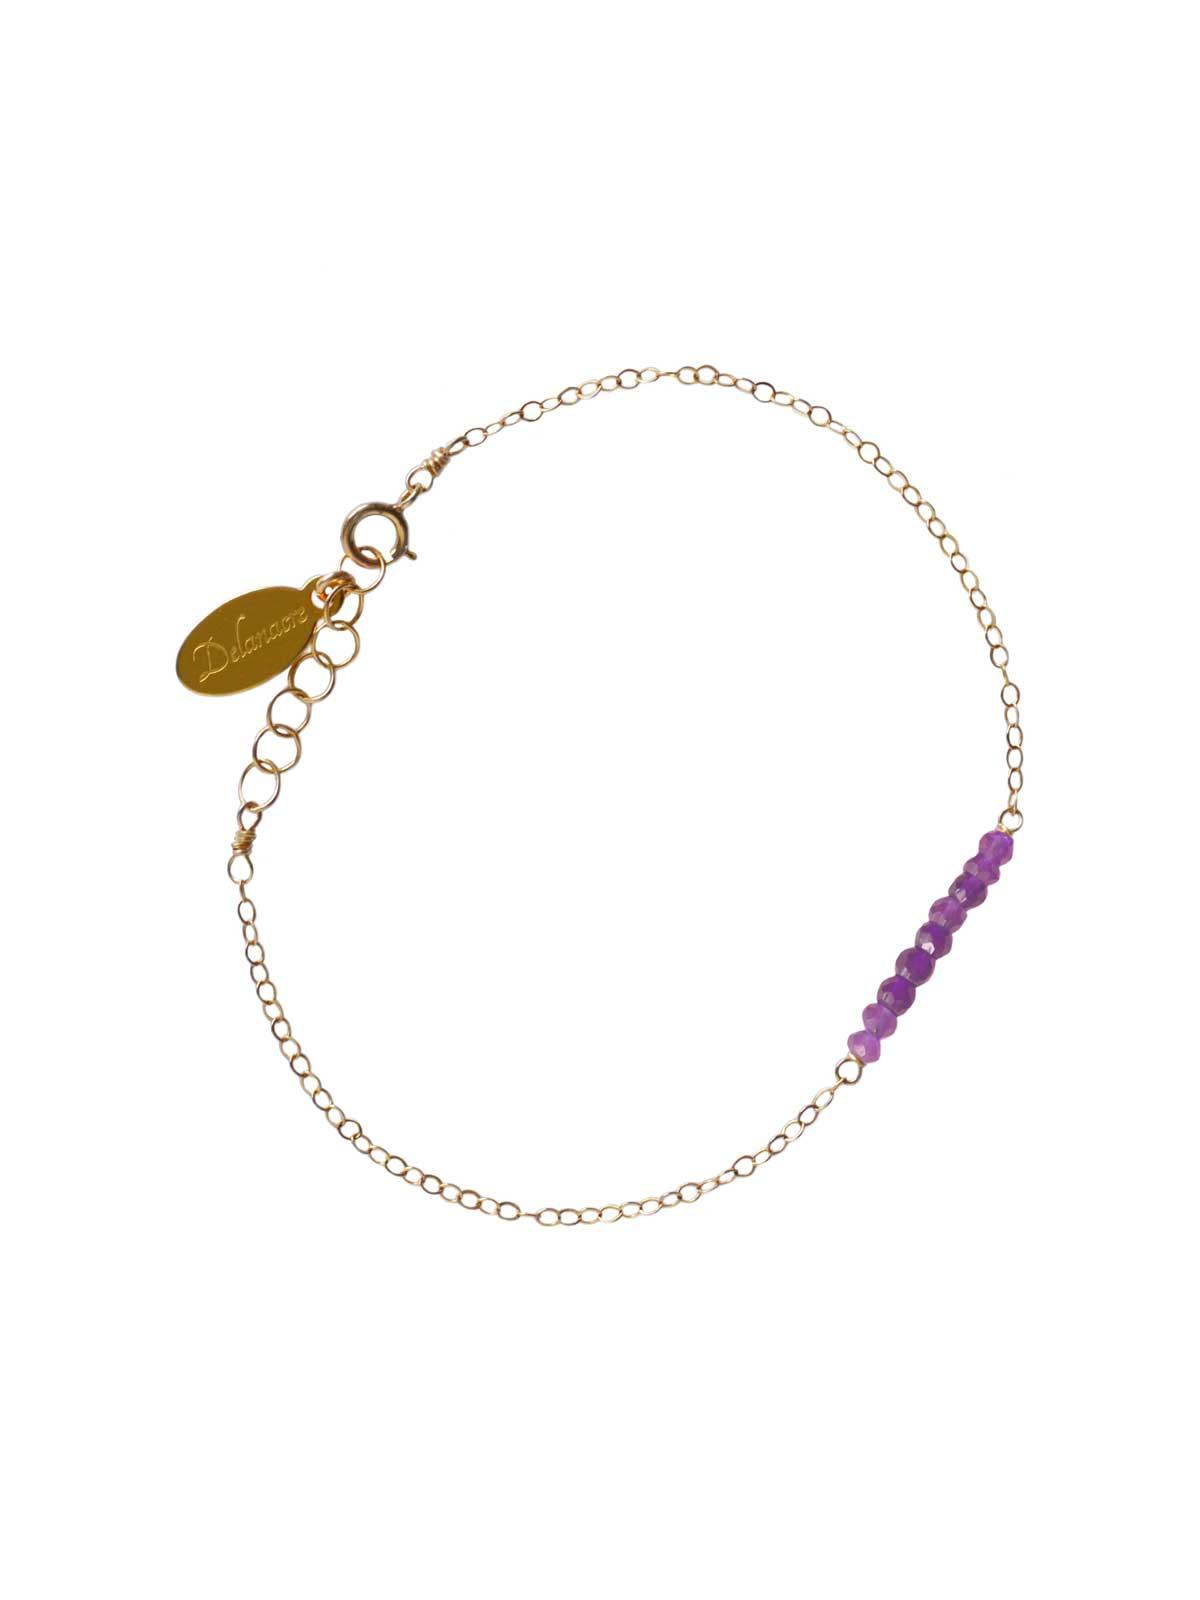 Bracelet 14K Gold-filled chain faceted Amethyst